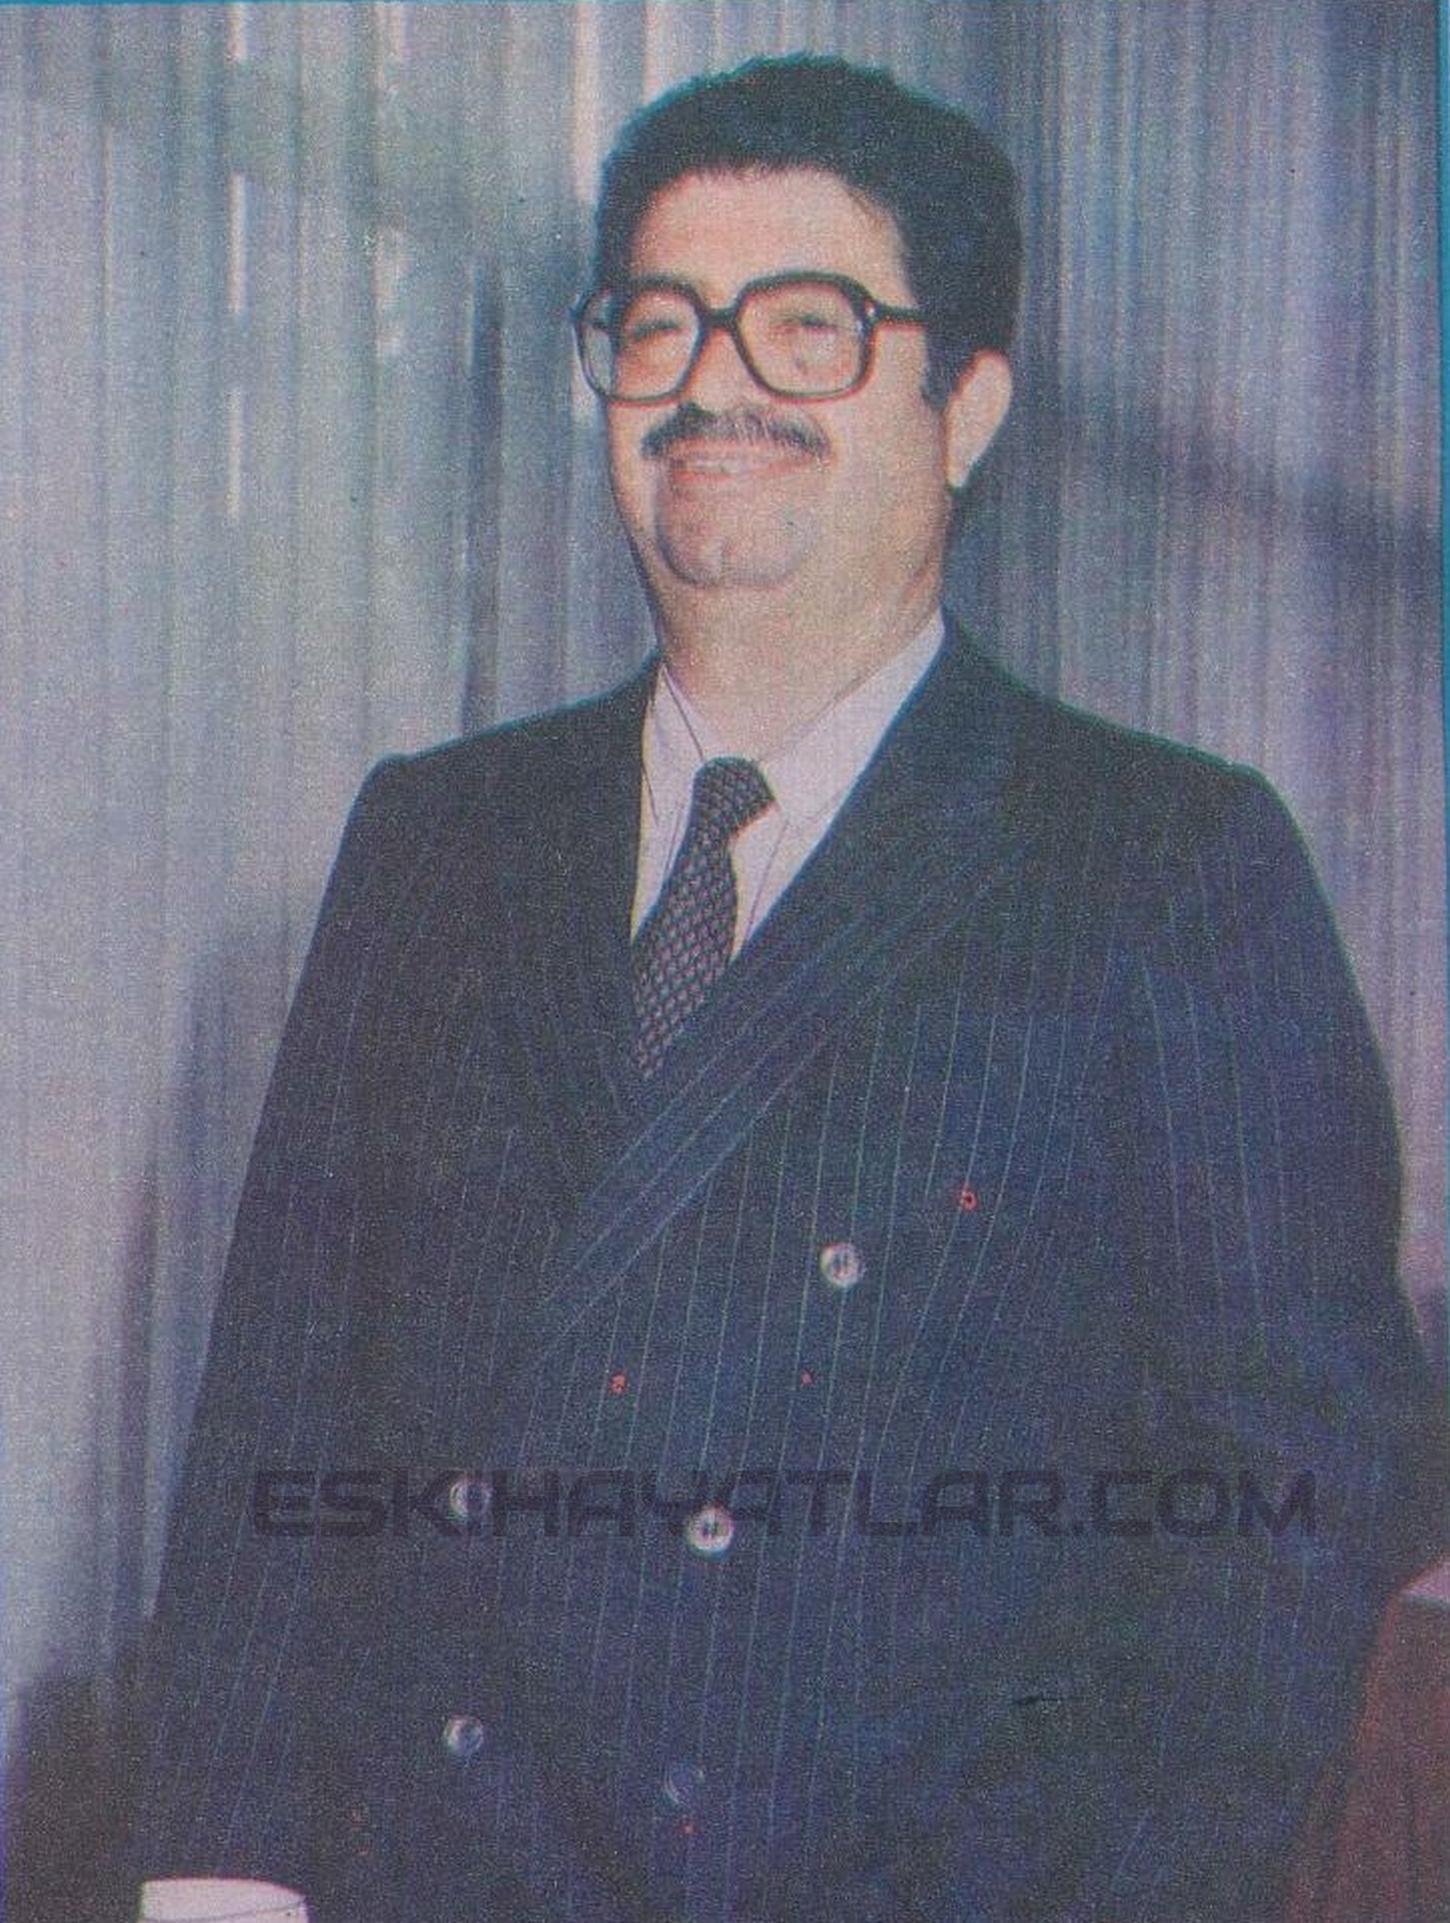 turgut-ozal-yillari-turkiye-ekonomisi-1984-yili-hayat-dergisi (5)